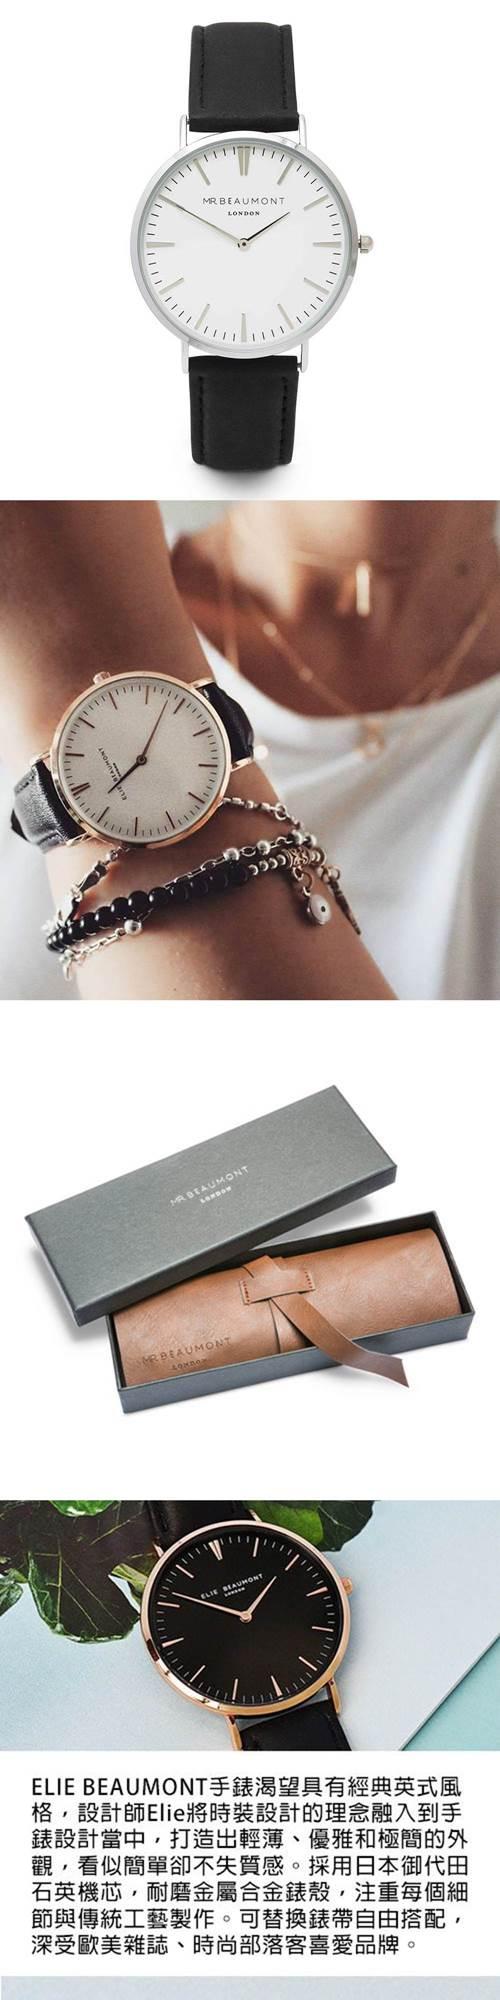 (複製)Elie Beaumont 英國時尚手錶 牛津系列 白錶盤x咖啡皮革錶帶x玫瑰金框41mm